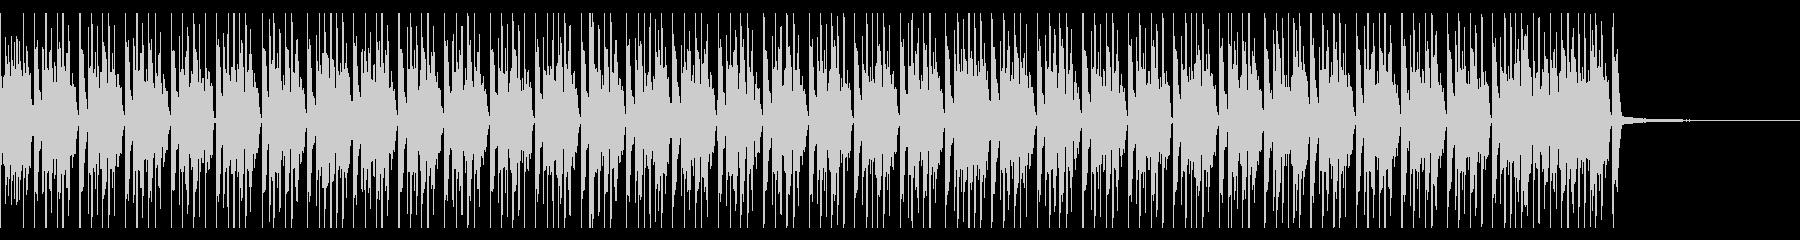 わくわく感 ごきげんなソロドラムの未再生の波形